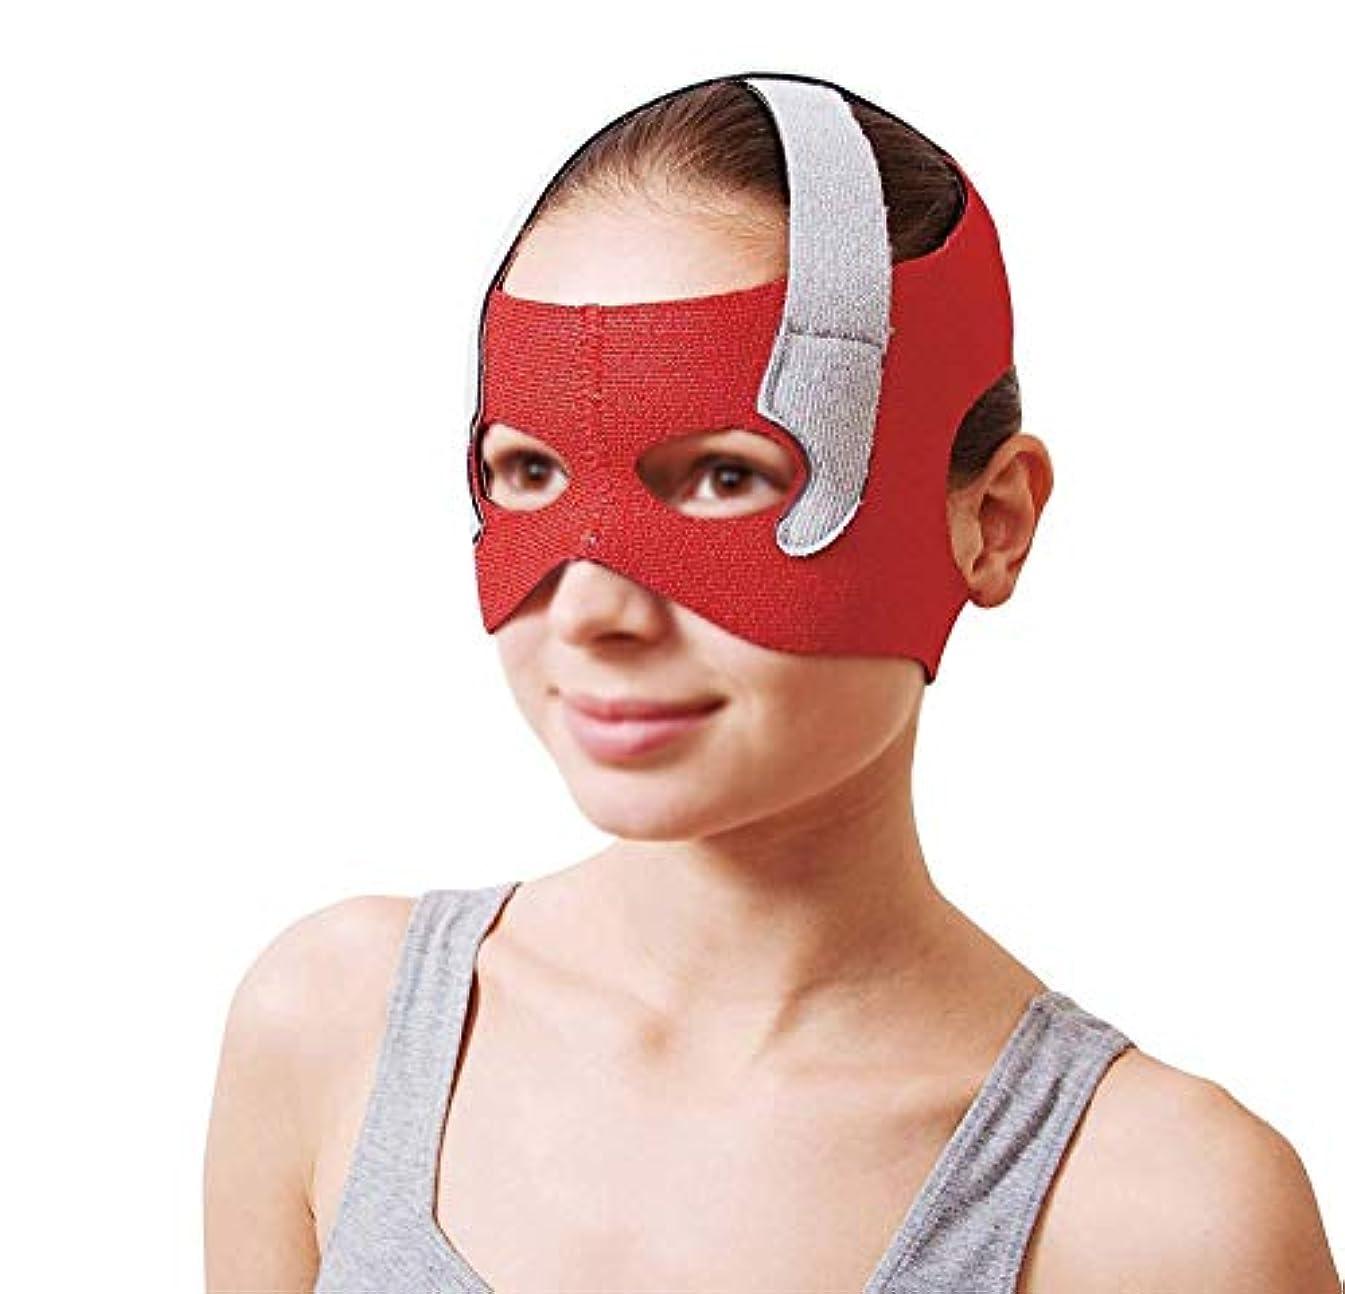 インレイパターン科学者フェイスリフトマスク、回復ポスト包帯ヘッドギアフェイスマスク顔薄いフェイスマスクアーティファクト美容ベルト顔と首リフト顔周囲57-68 cm